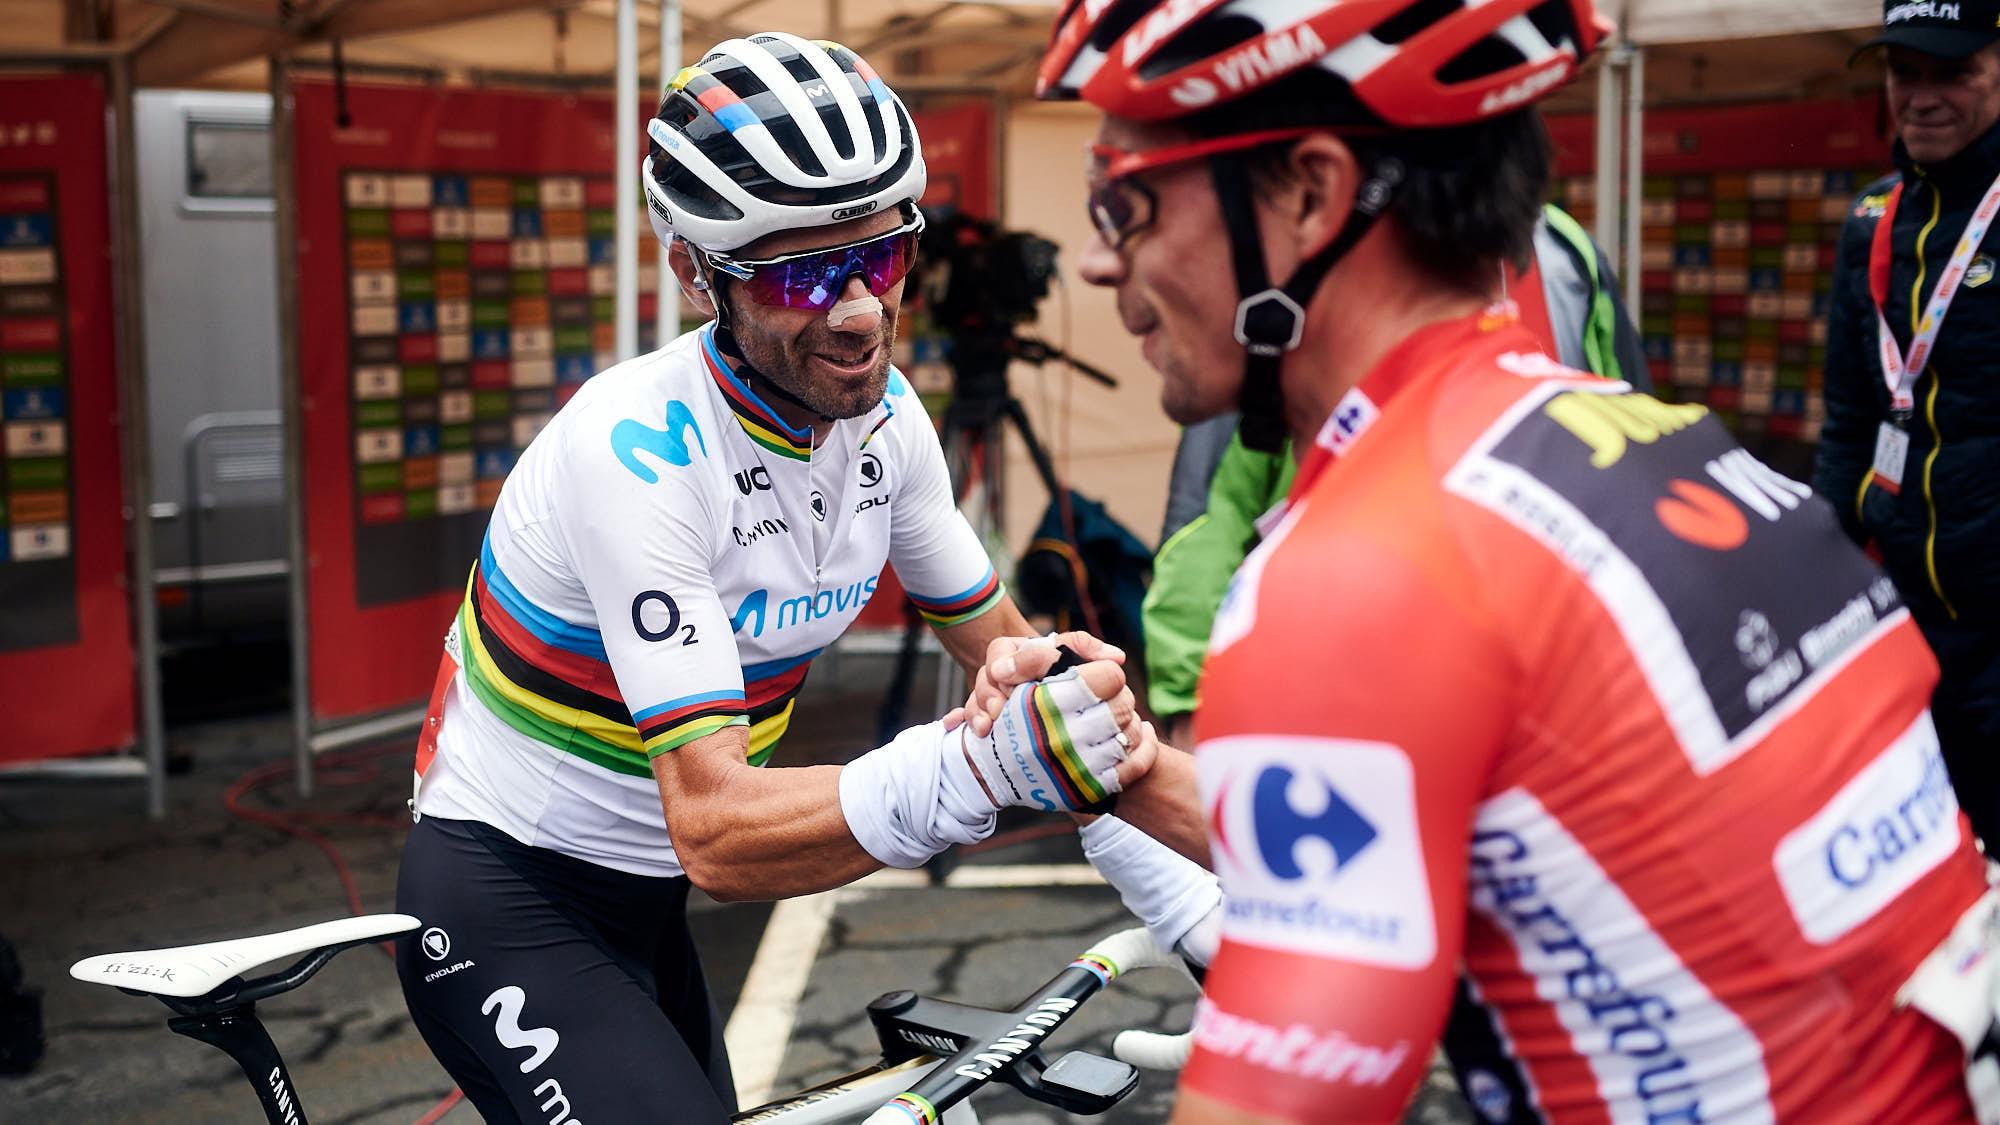 Alejandro Valverde congratulating Primoz Roglic during La Vuelta 2019